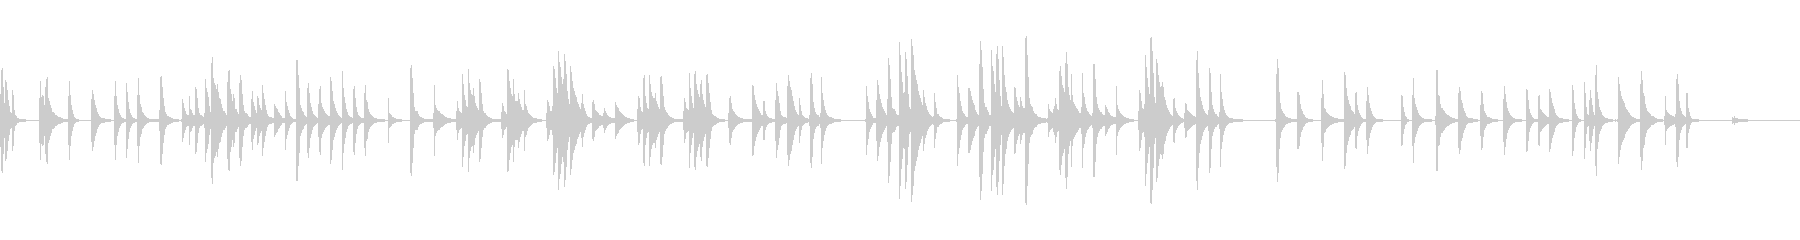 古いオルゴールの切なくも優しい曲 VRの未再生の波形